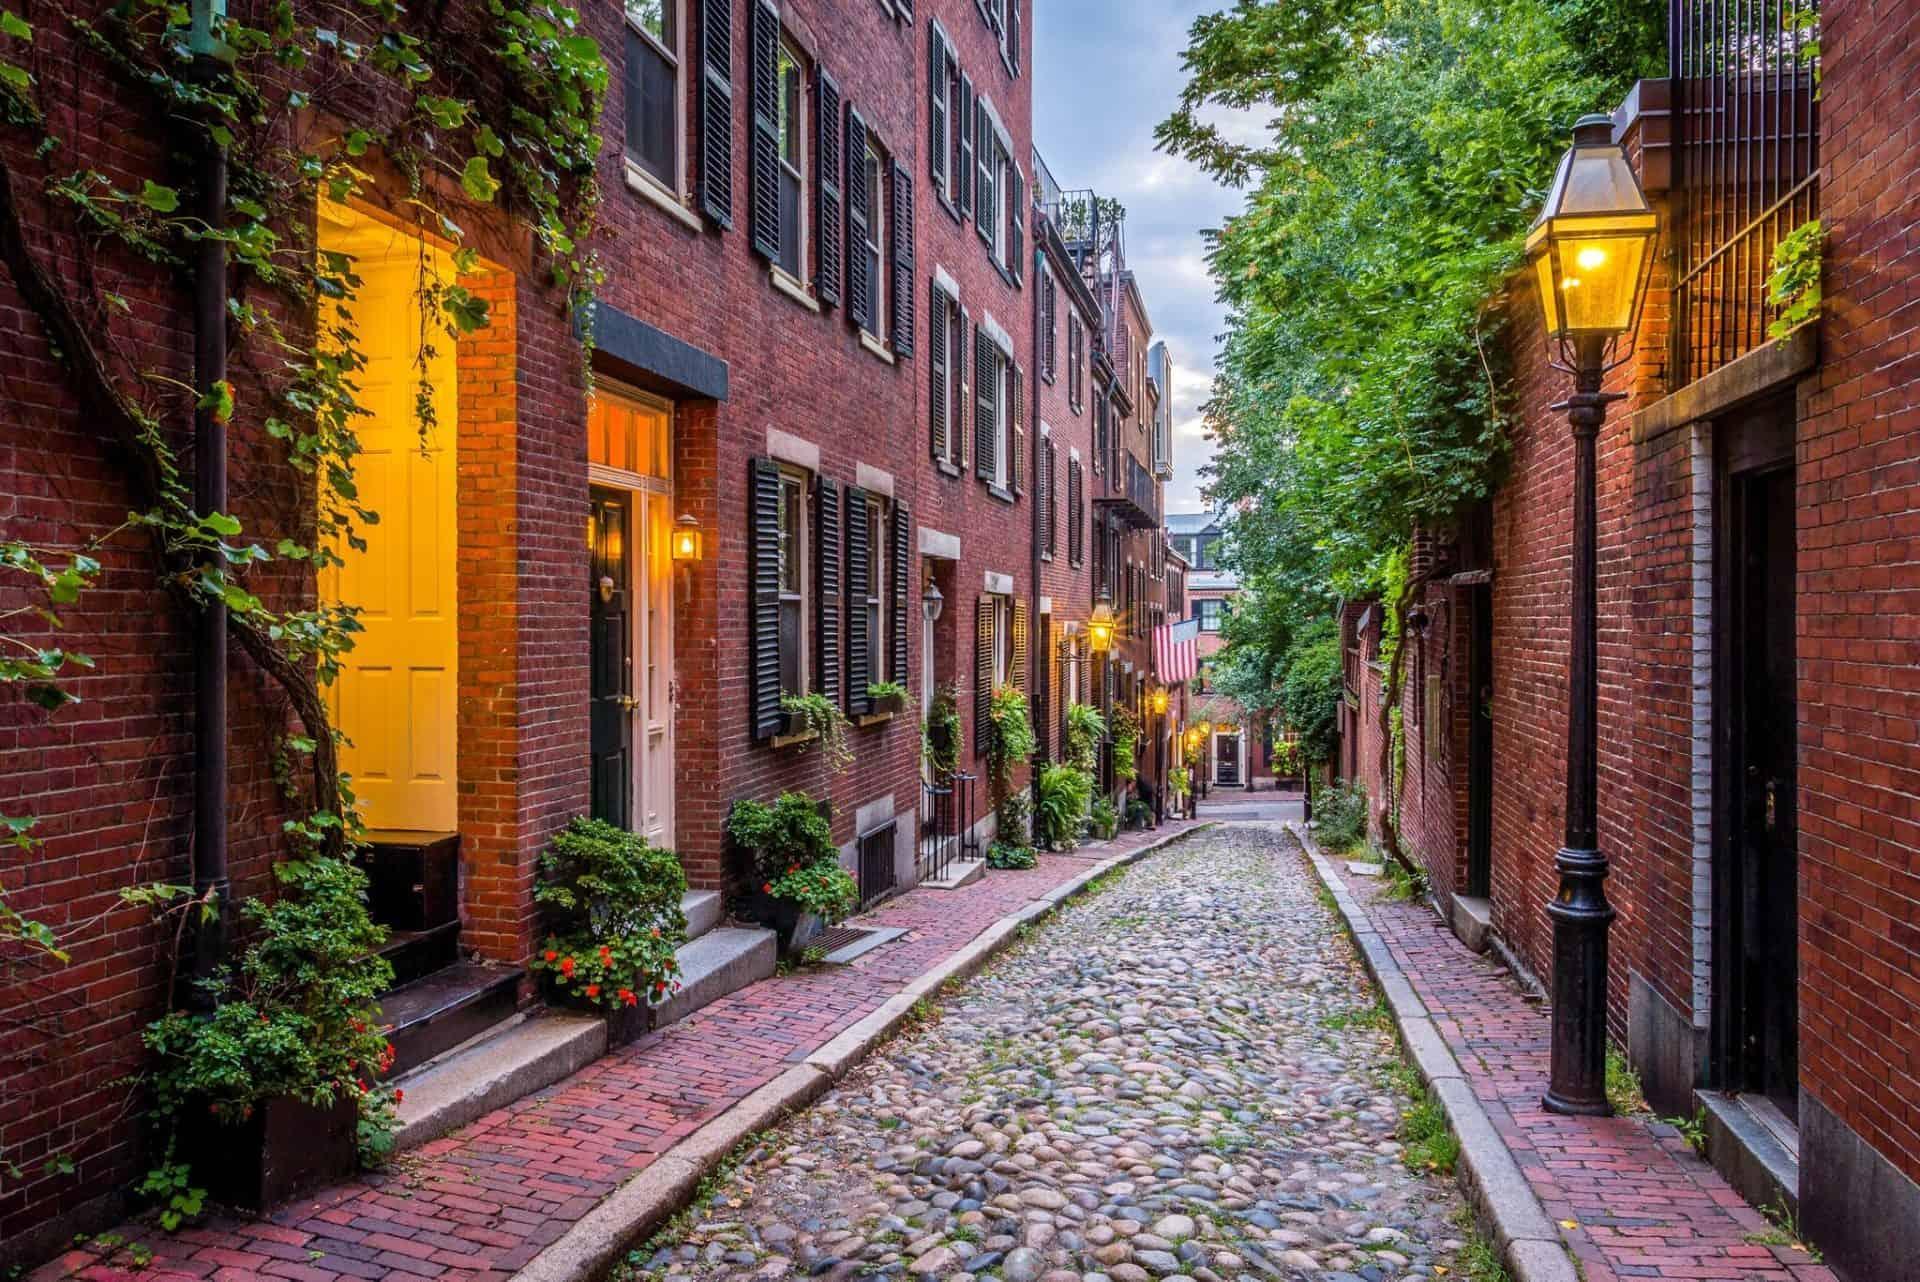 Perca-se nos encantos de Beacon Hill, o bairro histórico de Boston